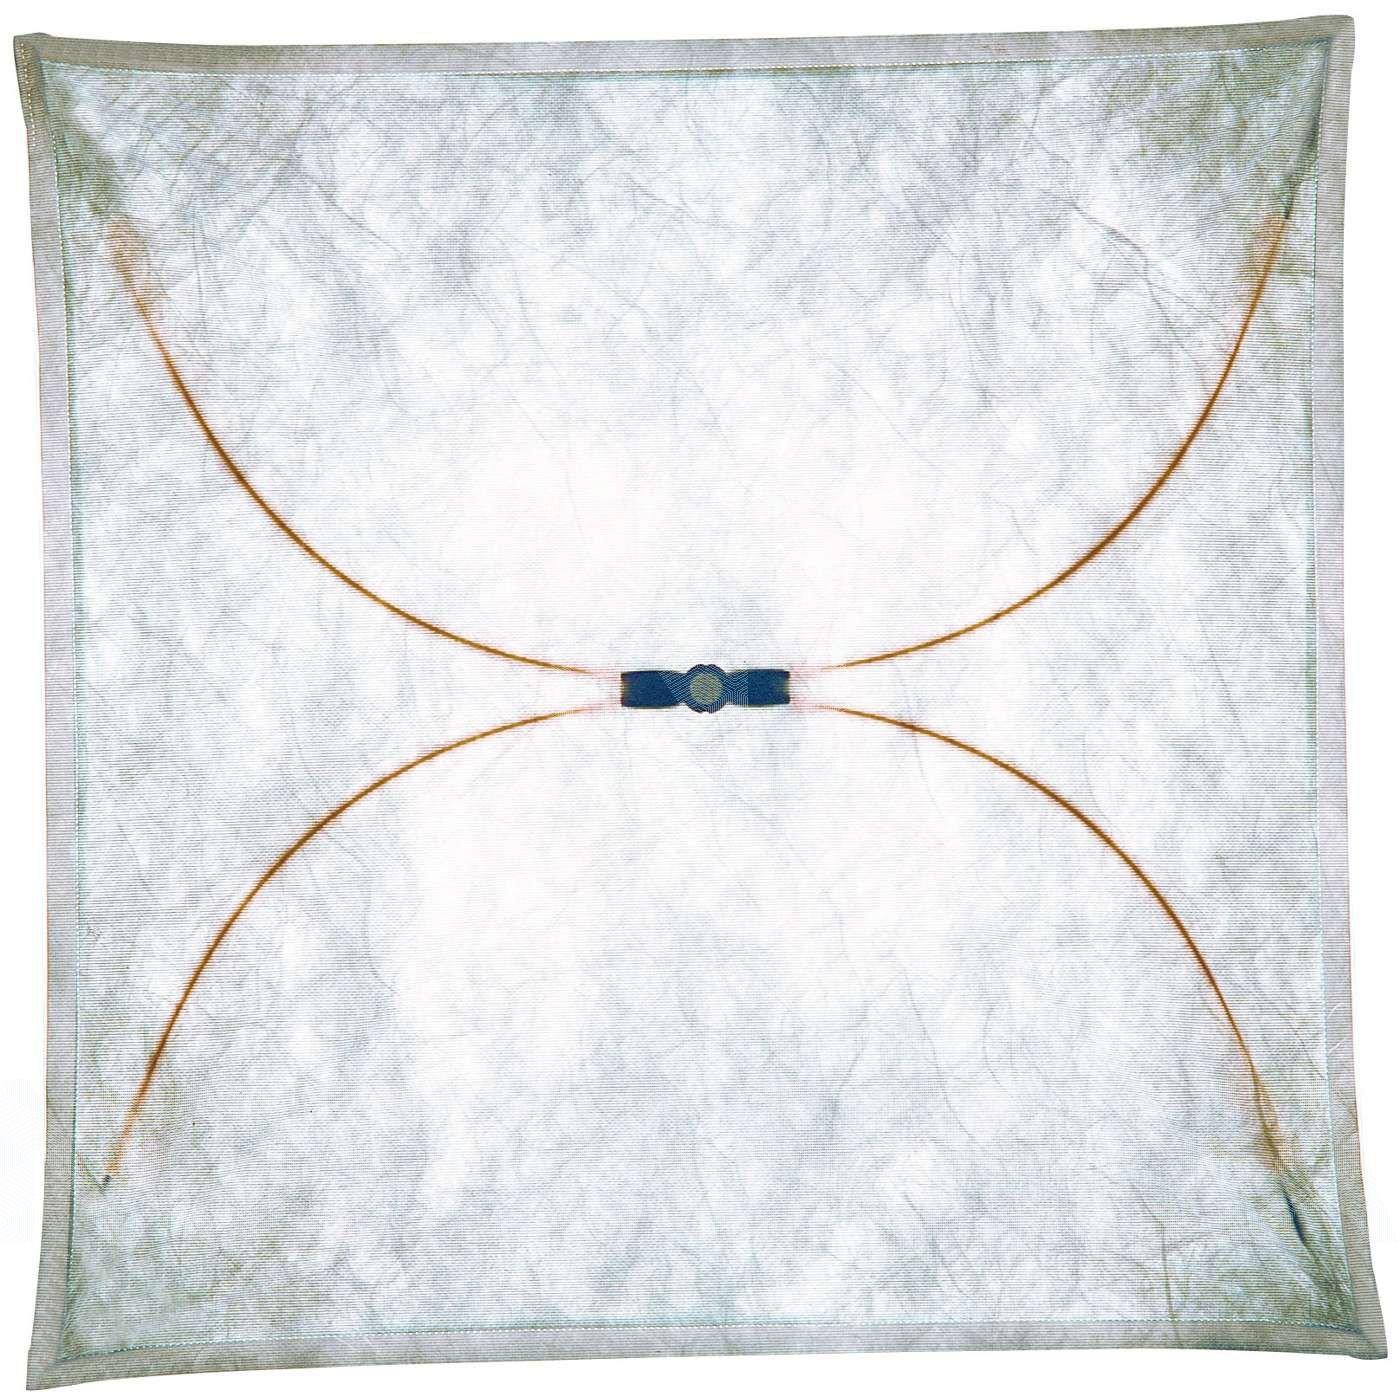 Flos Ariette 3 Wand / Deckenleuchte, natur 130x130cm Textil Metall  Überprüfung und weitere Informationen